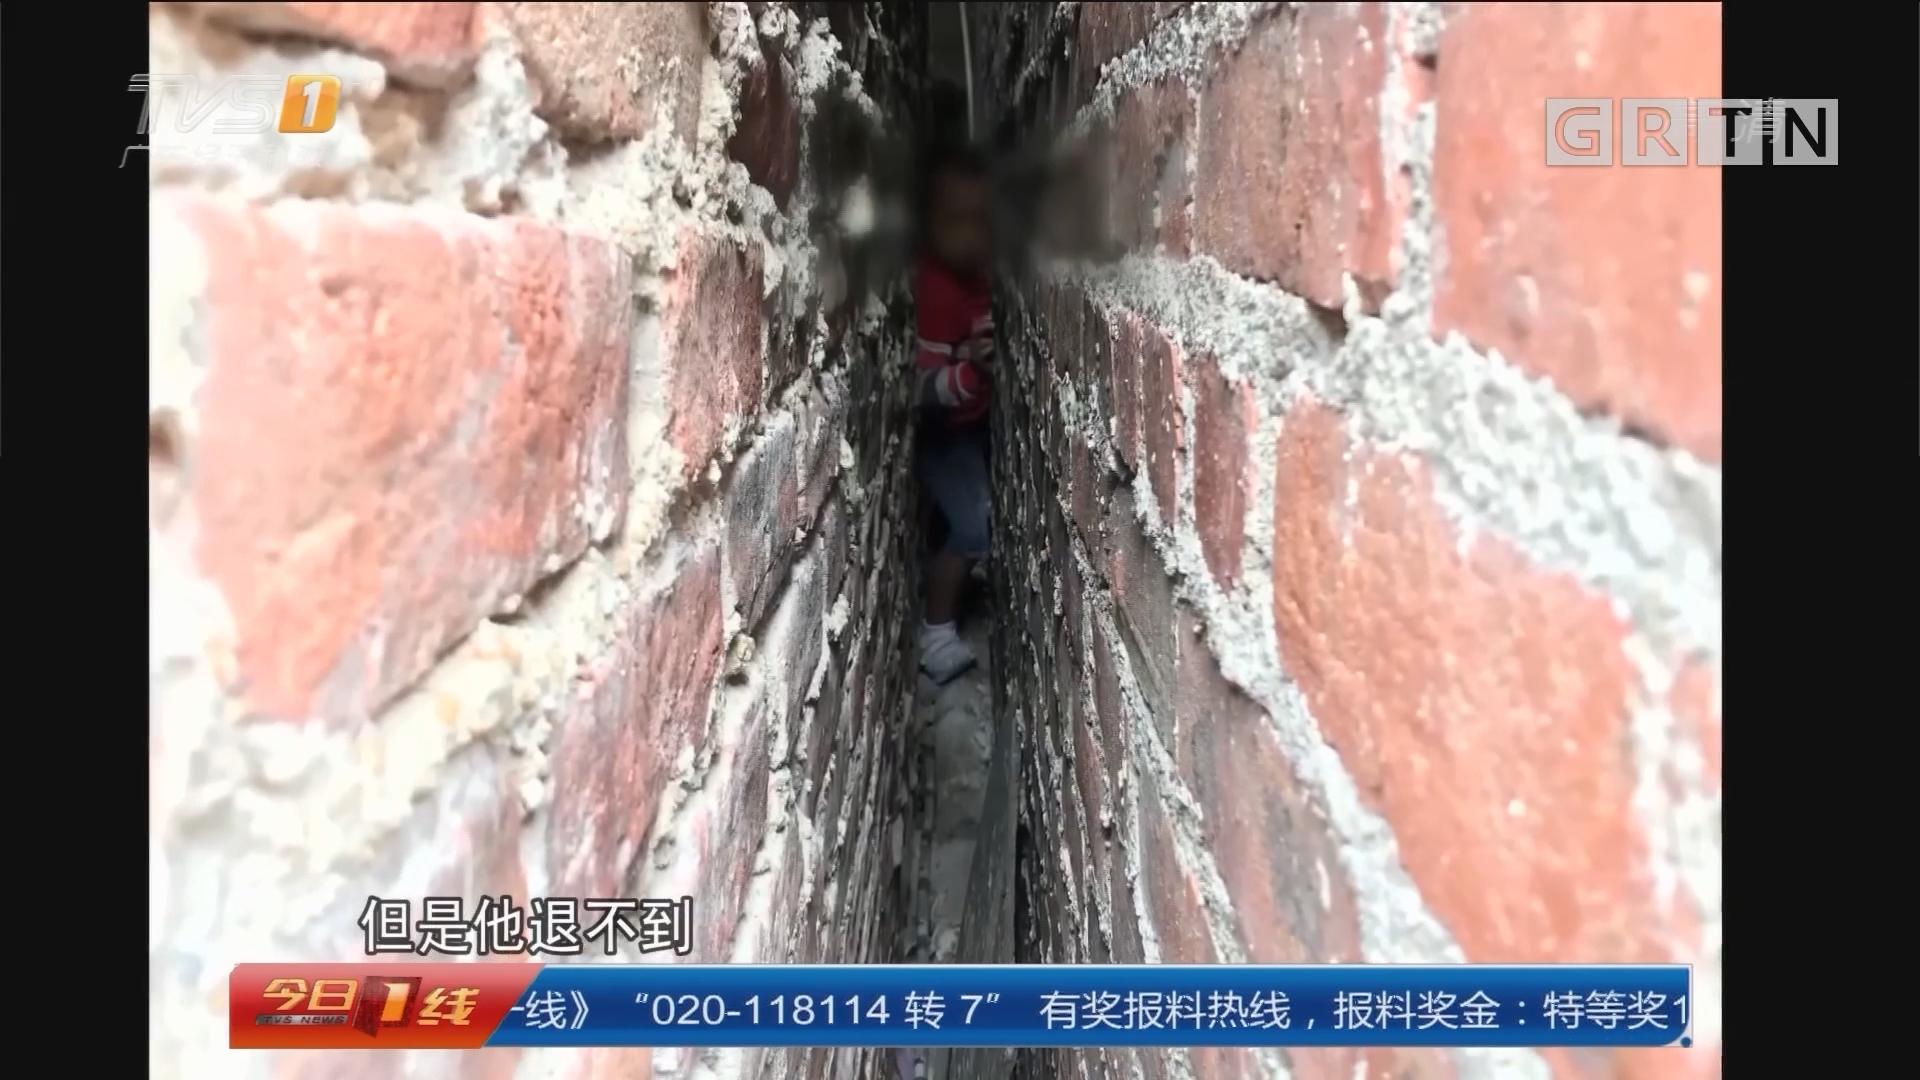 关注儿童安全:东莞 消防拆墙破壁 安全救出熊孩子